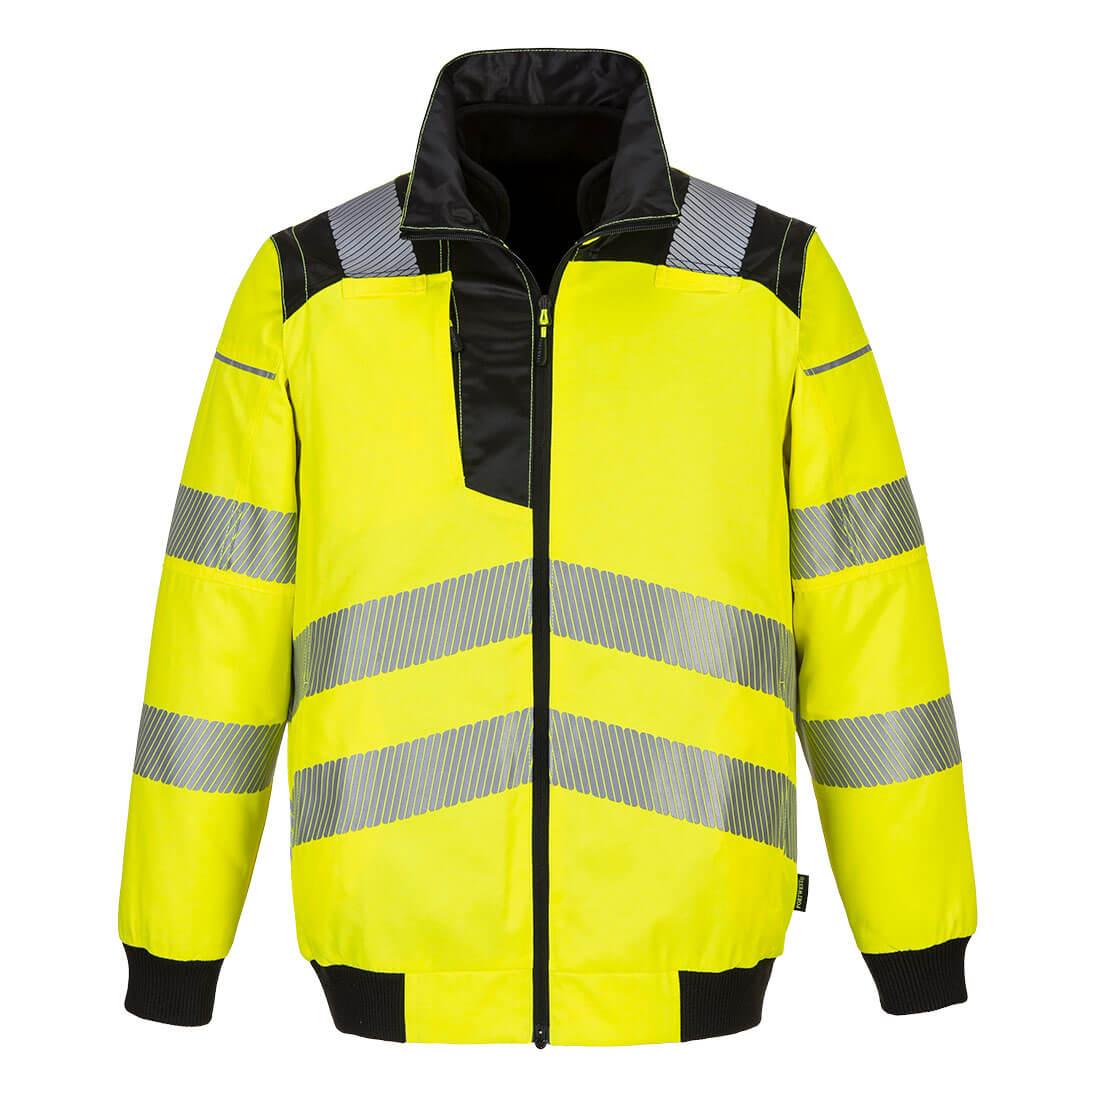 Portwest Hi-Vis Pilot Jacket - Yellow/Black